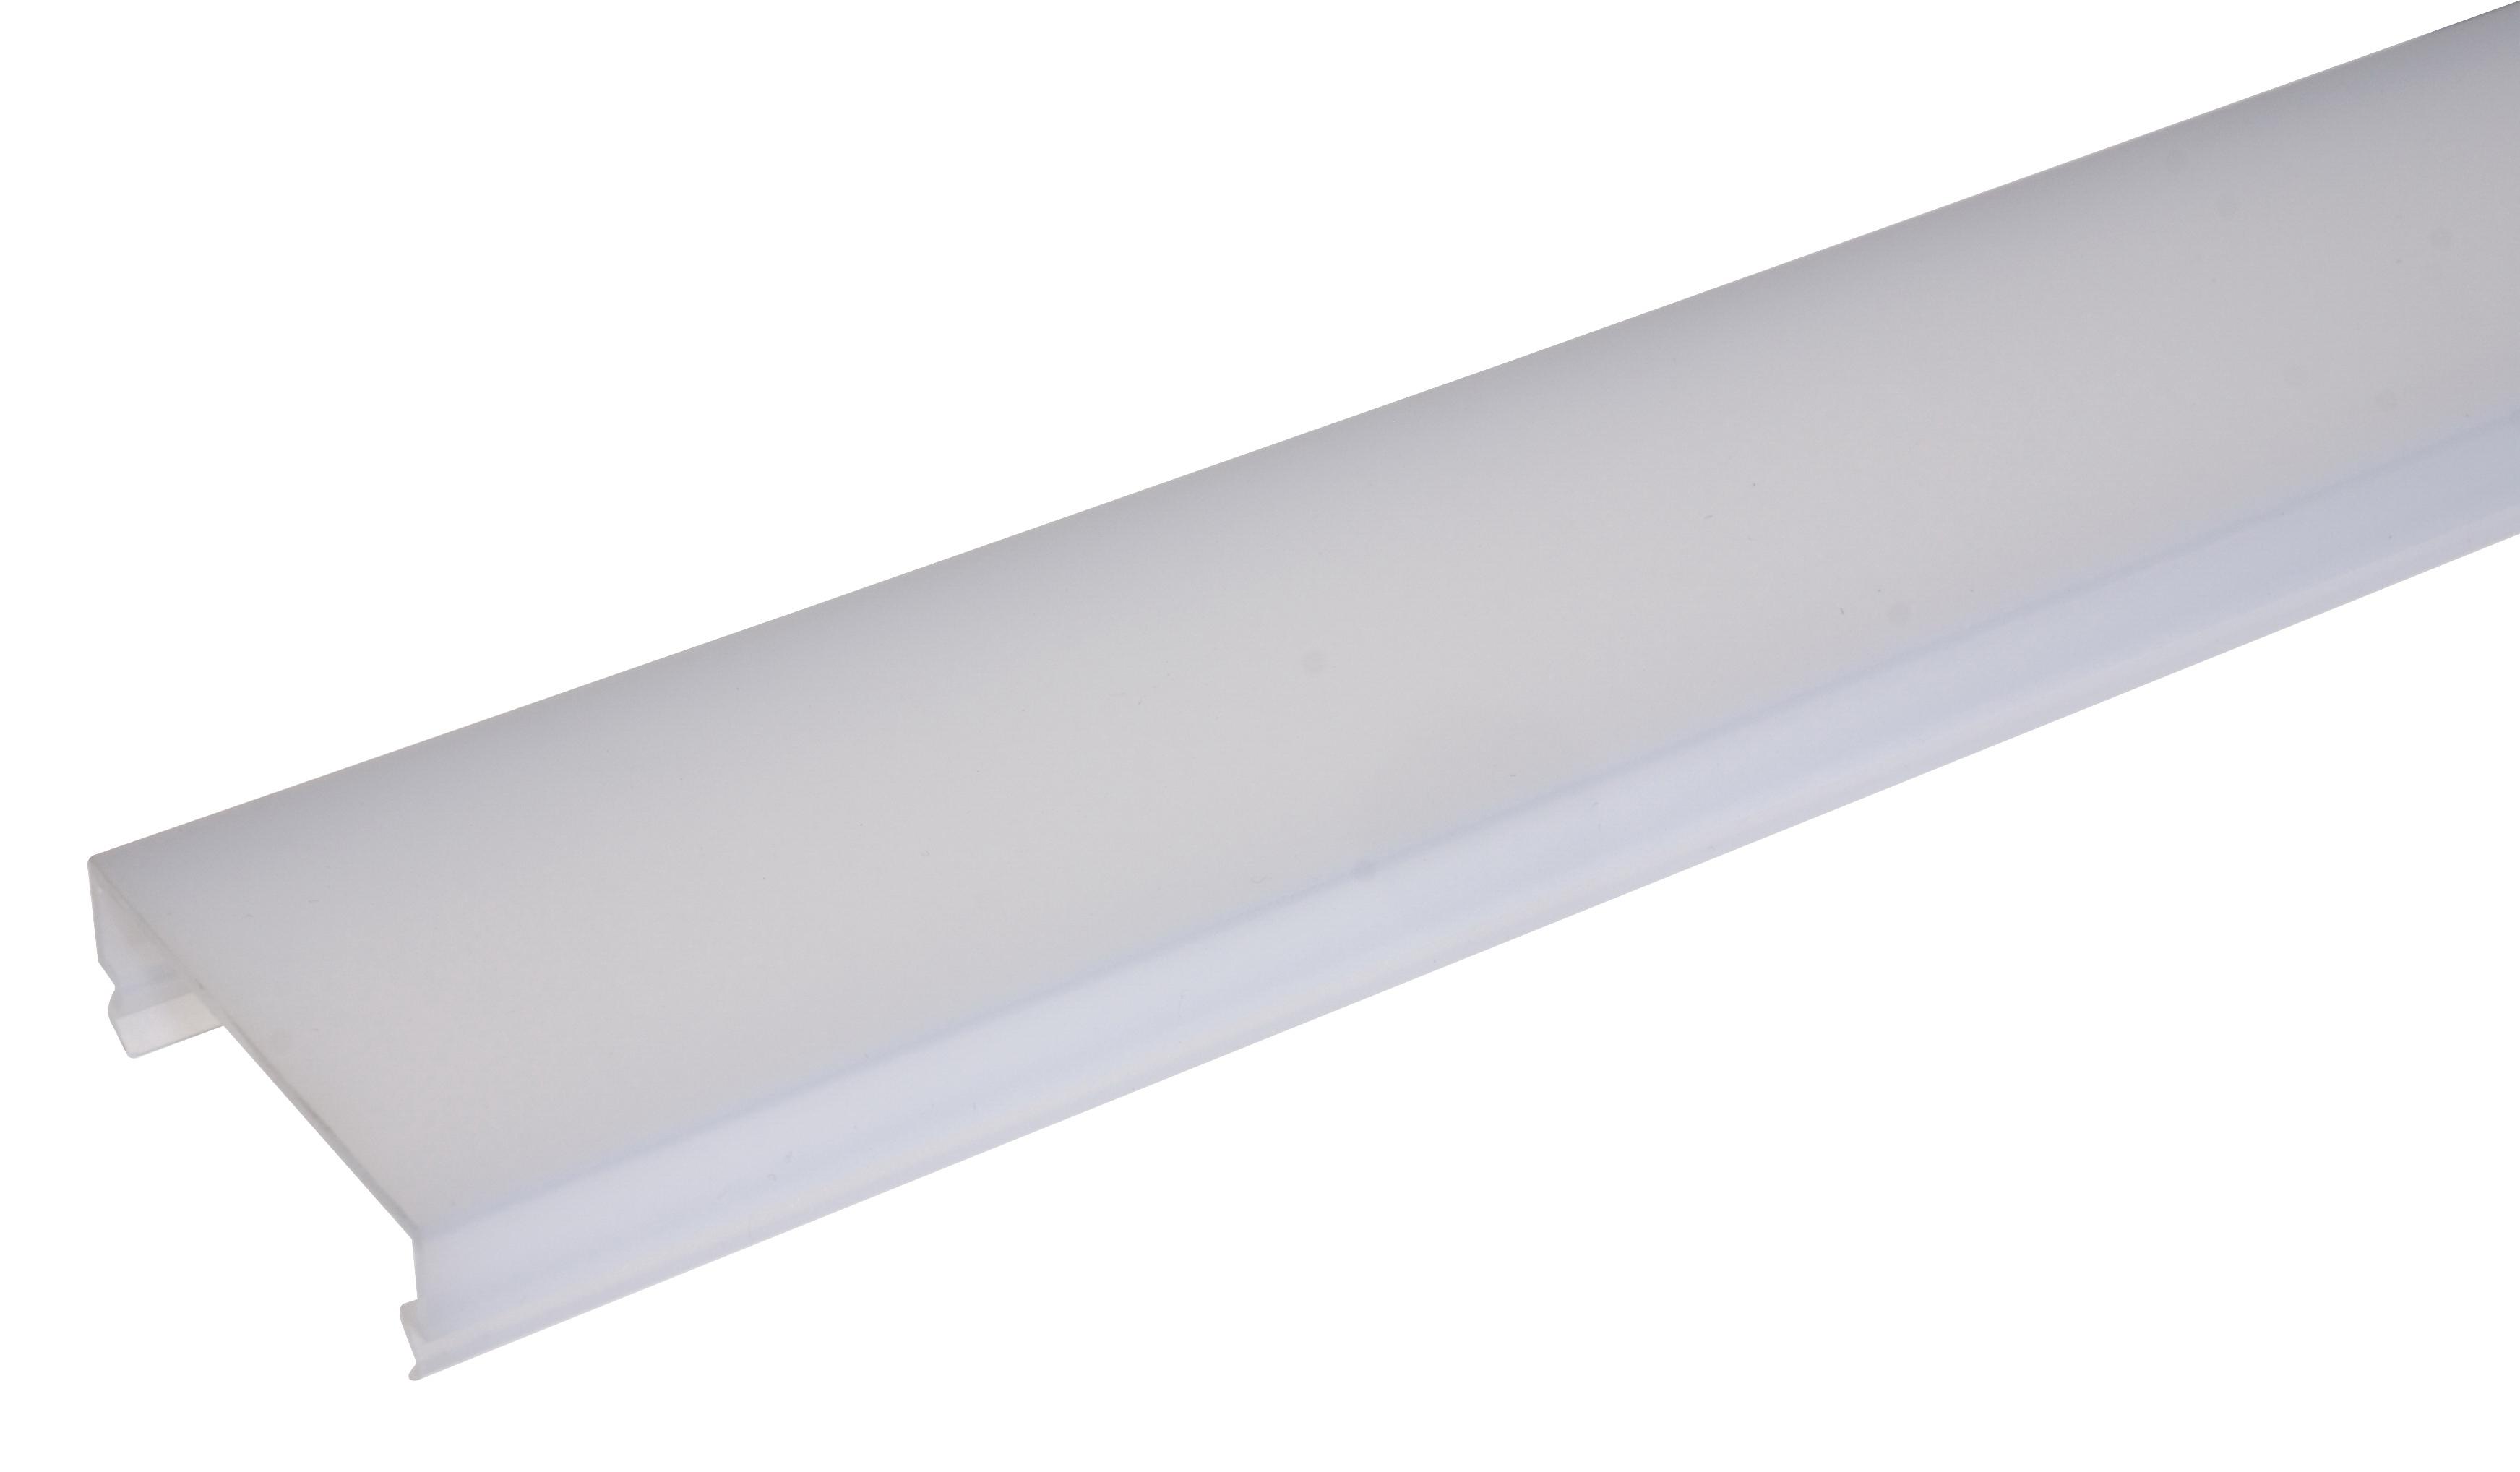 1 Stk Kvadra 70M und Kvadra-R 70M Abdeckung opal, L-2988mm LI35000033